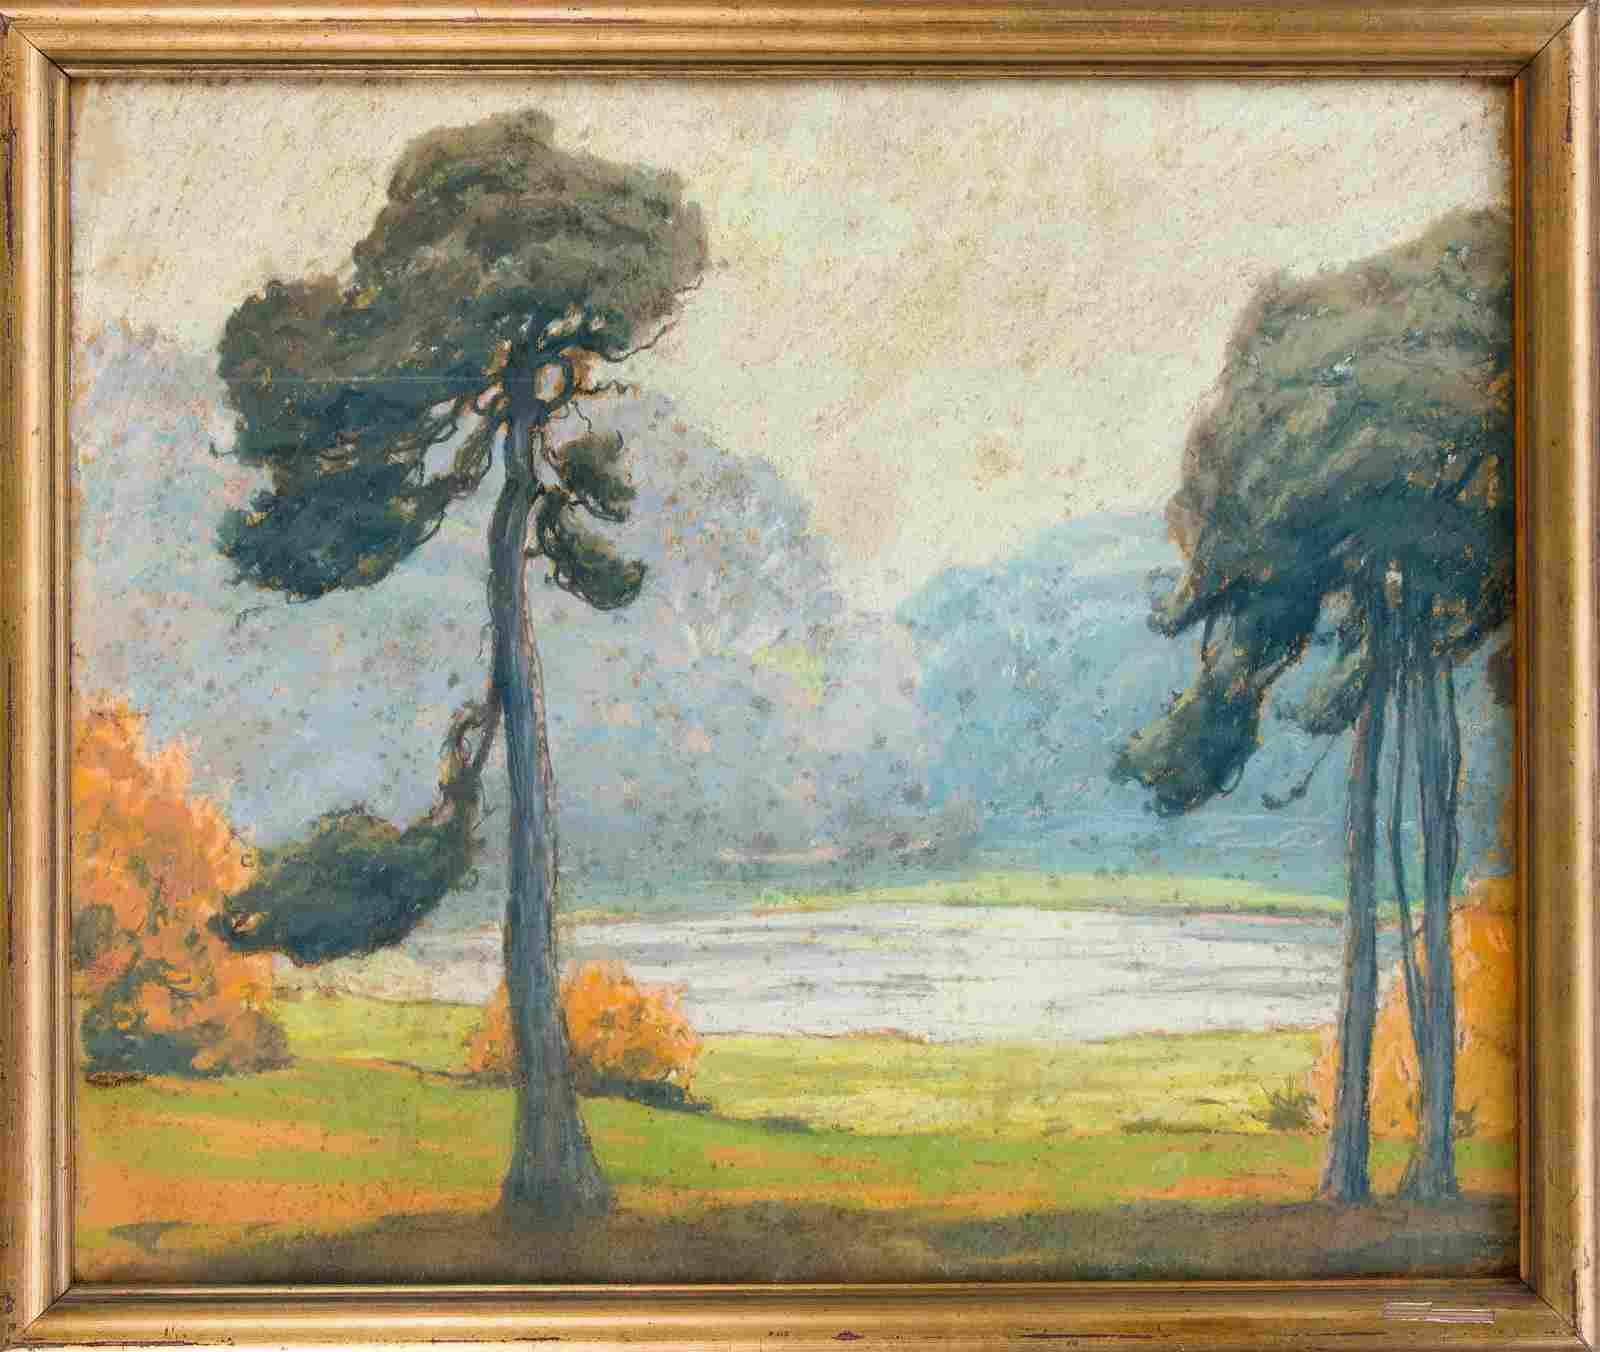 Hans Licht (1876-1935), lands